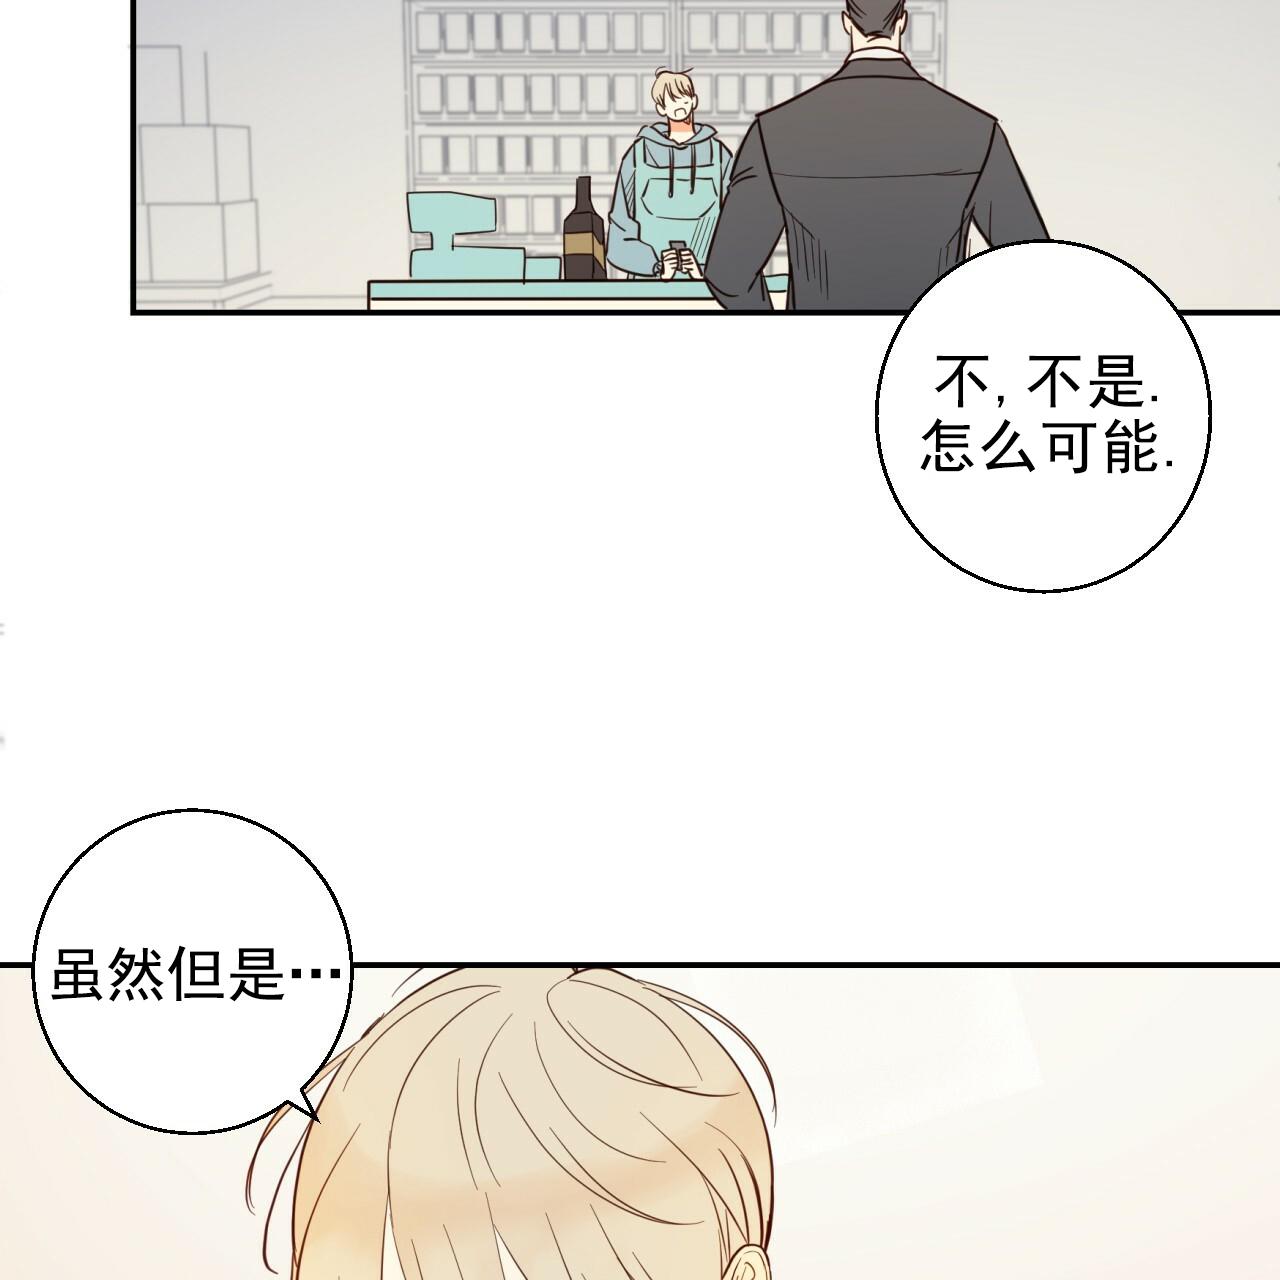 韩漫 | 《危险便利店》黑道大佬攻 X 单纯打工人受  第30张